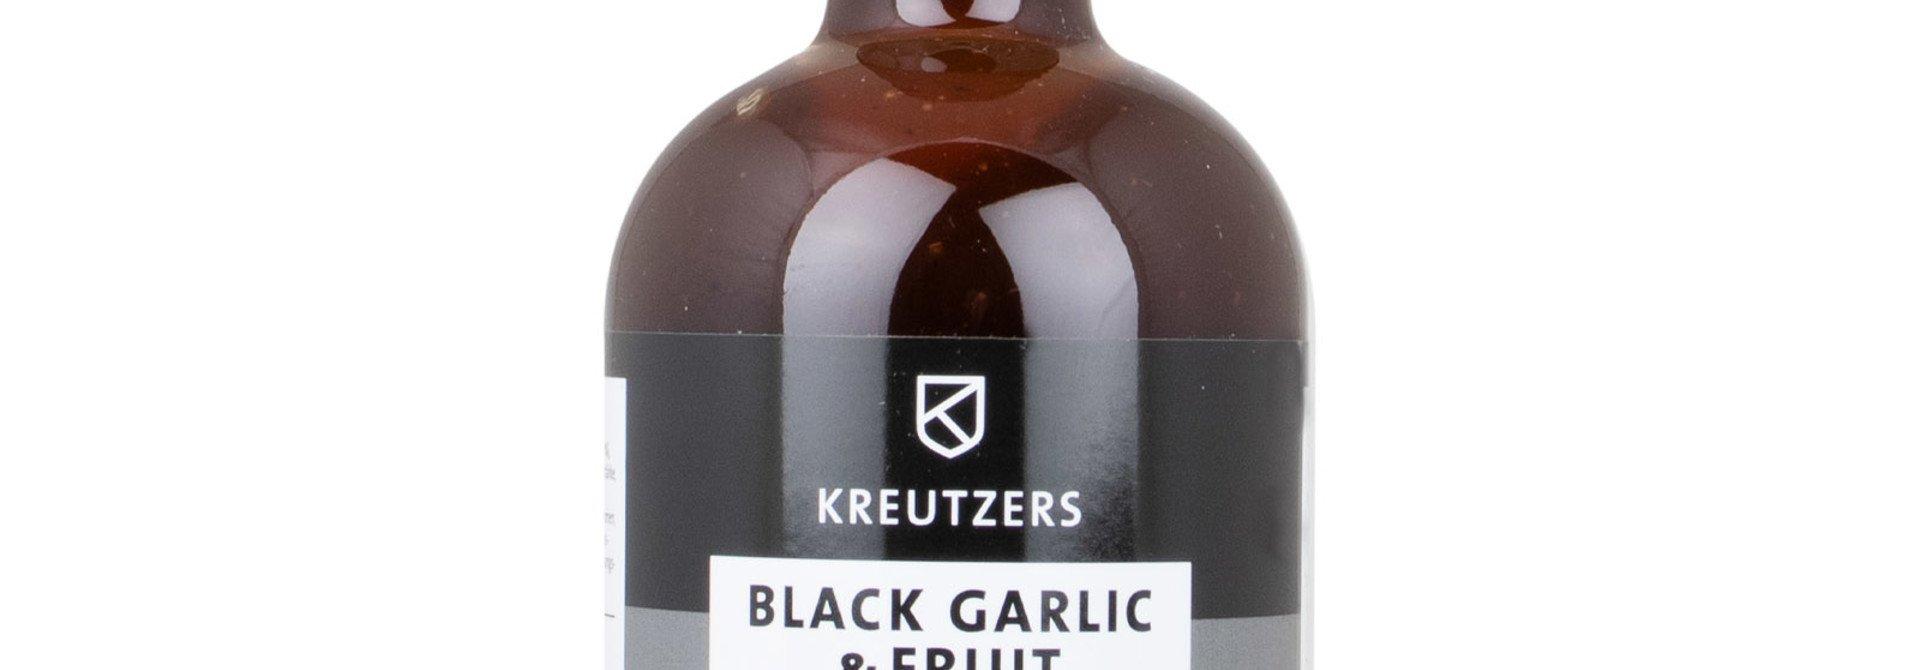 Saus.Guru X Kreutzers - Black Garlic & Fruit